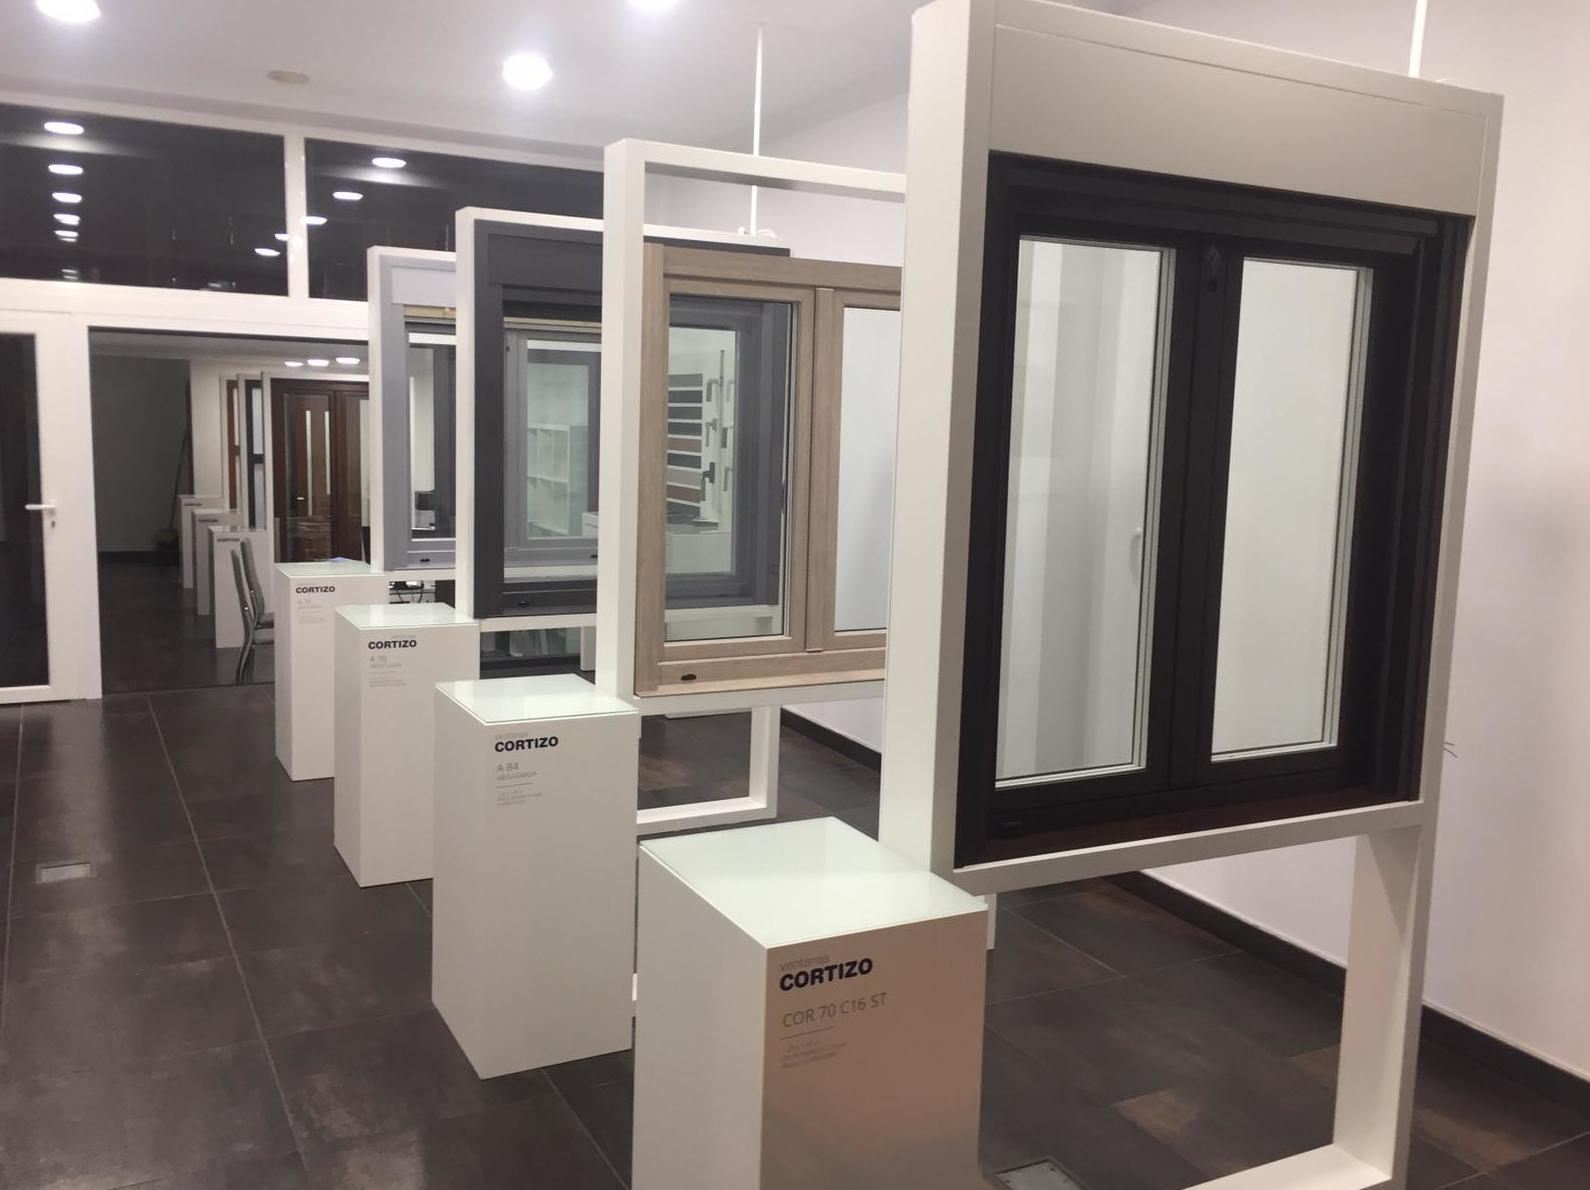 Aluminios Rilova, asesoramiento personalizado en Av. del Cid, 80. Visita nuestra exposición de productos!